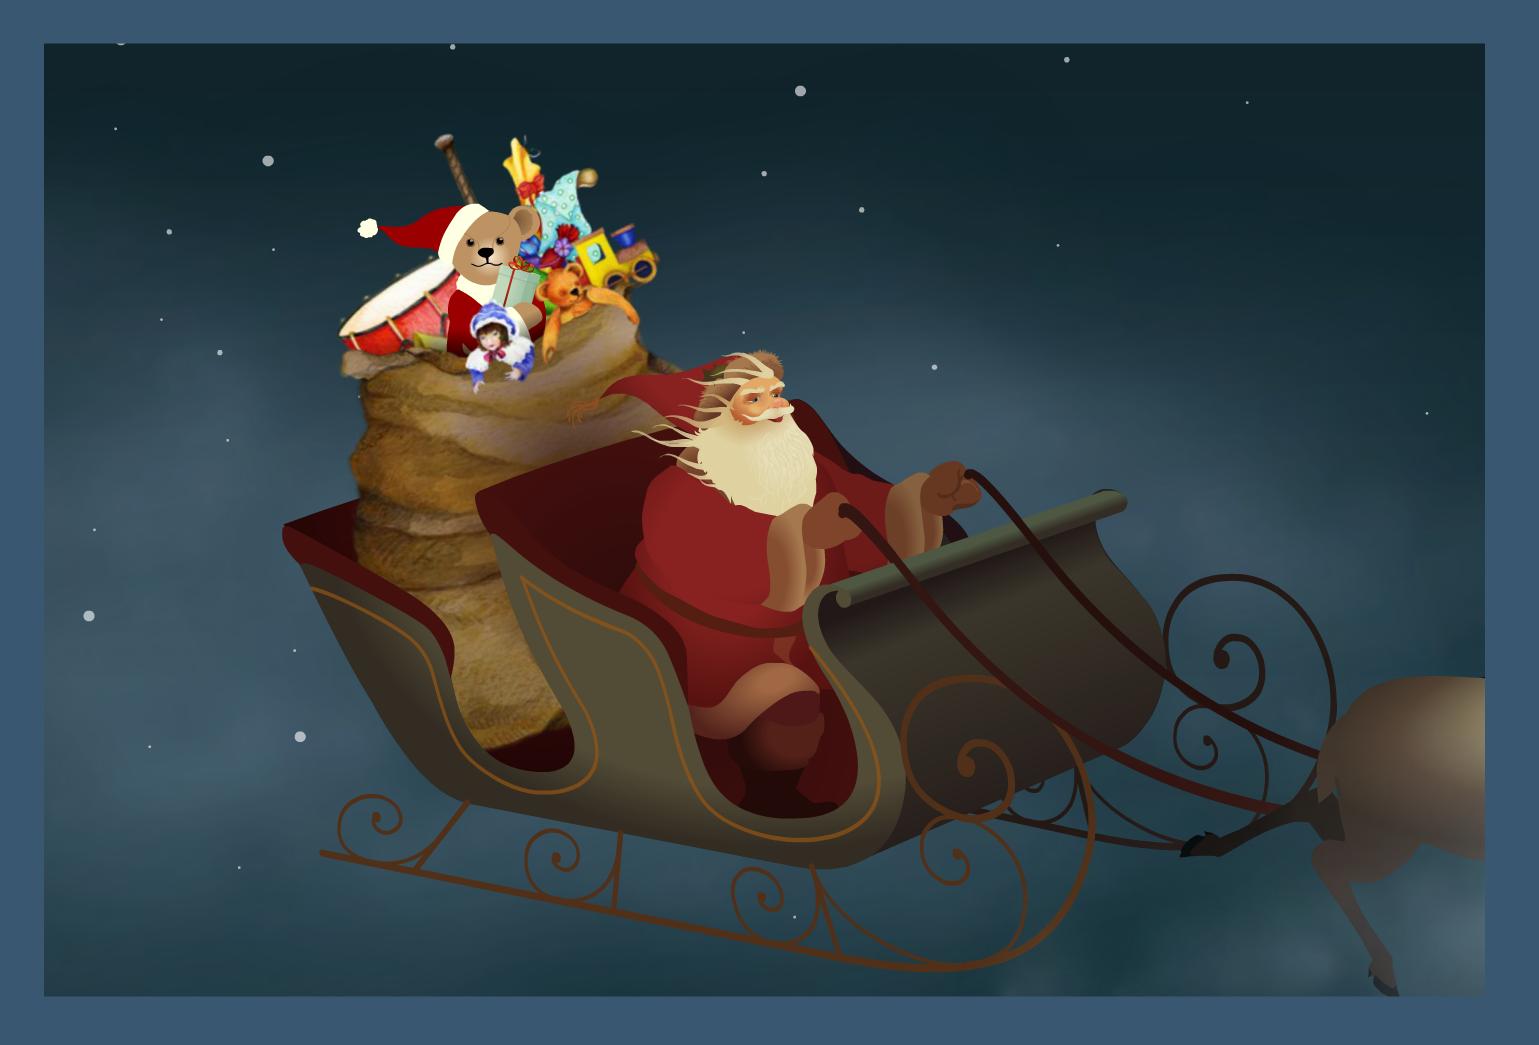 Amazon.com: Jacquie Lawson Christmas Market Advent Calendar [Online ...